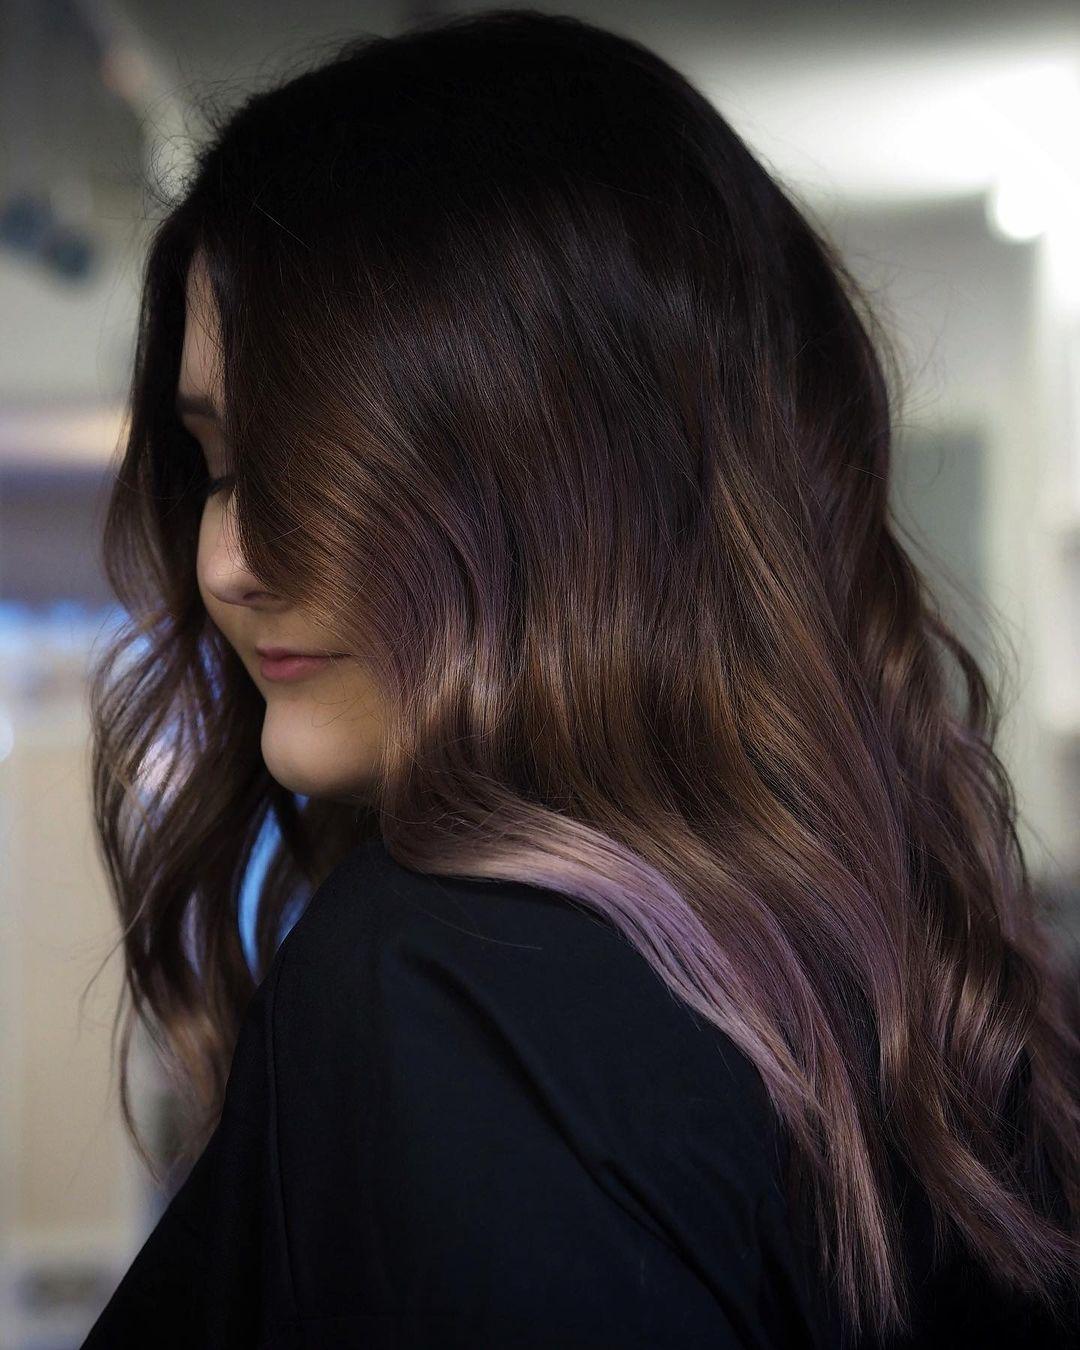 Dark Mushroom Hair with Violet Highlights